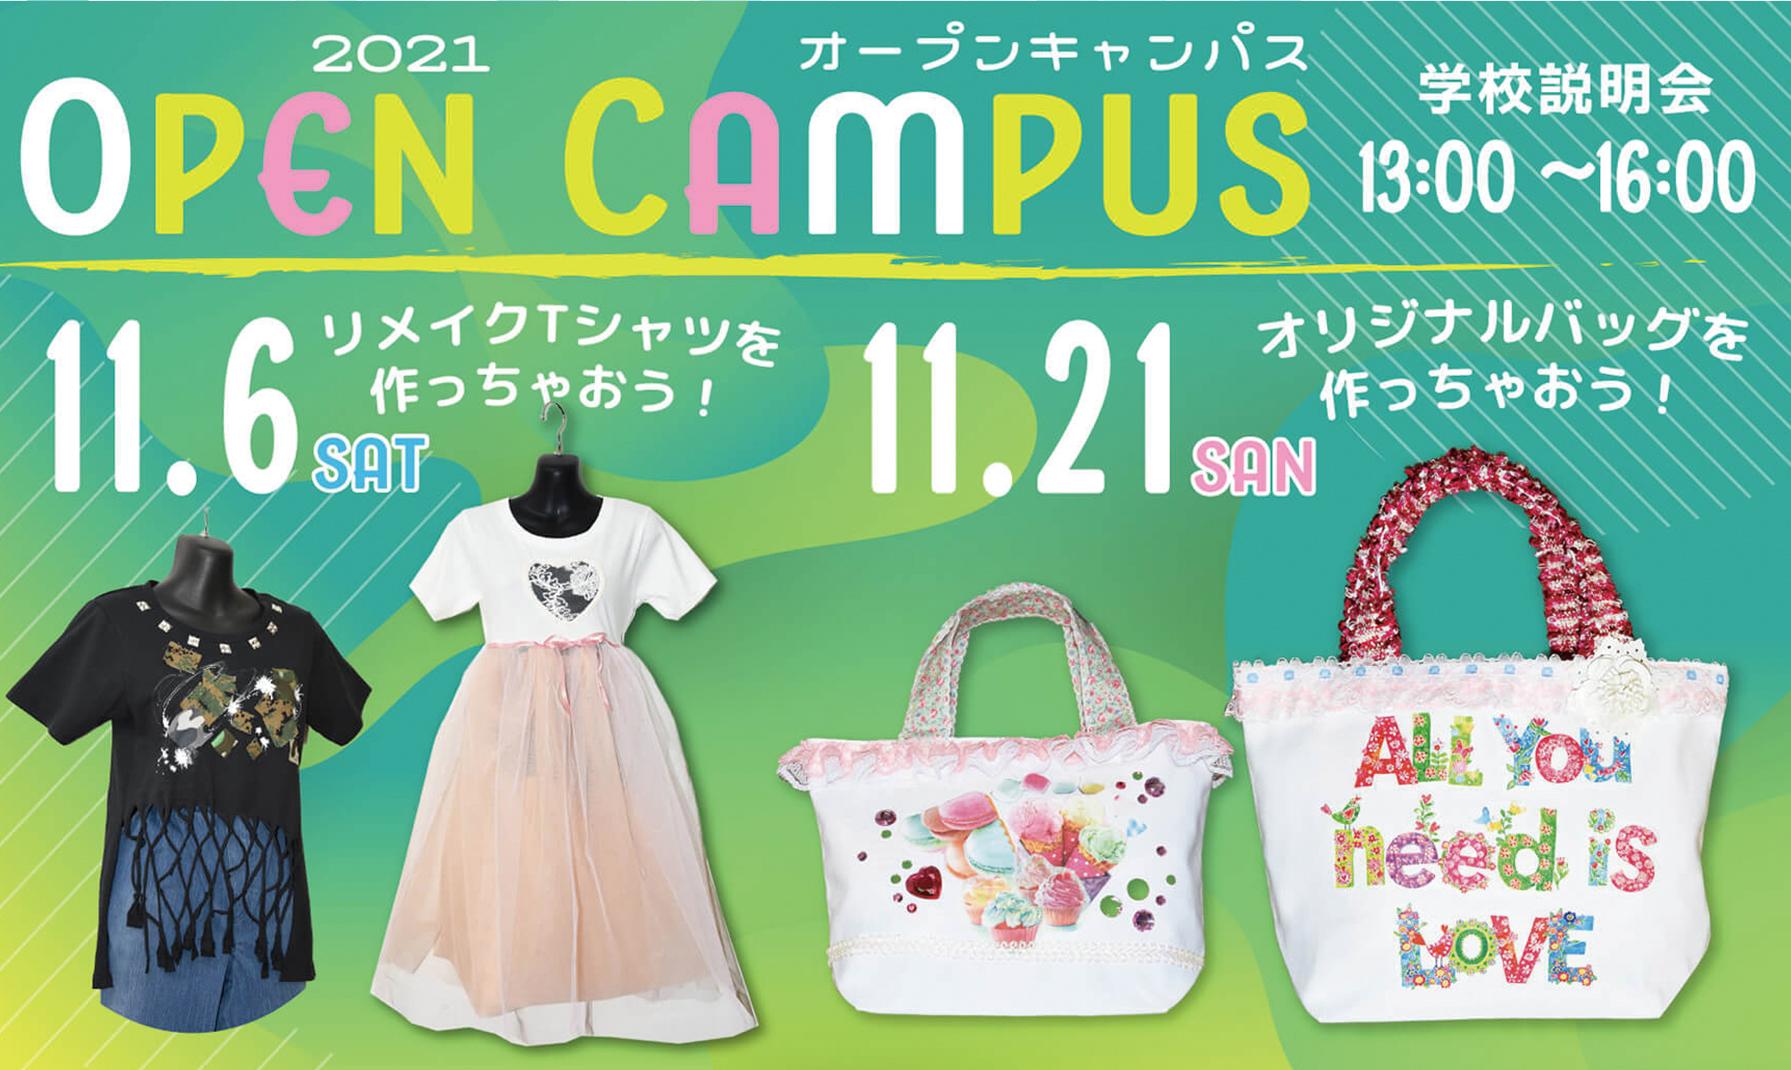 江東服飾高等専修学校 - オープンキャンパス 2021年11月